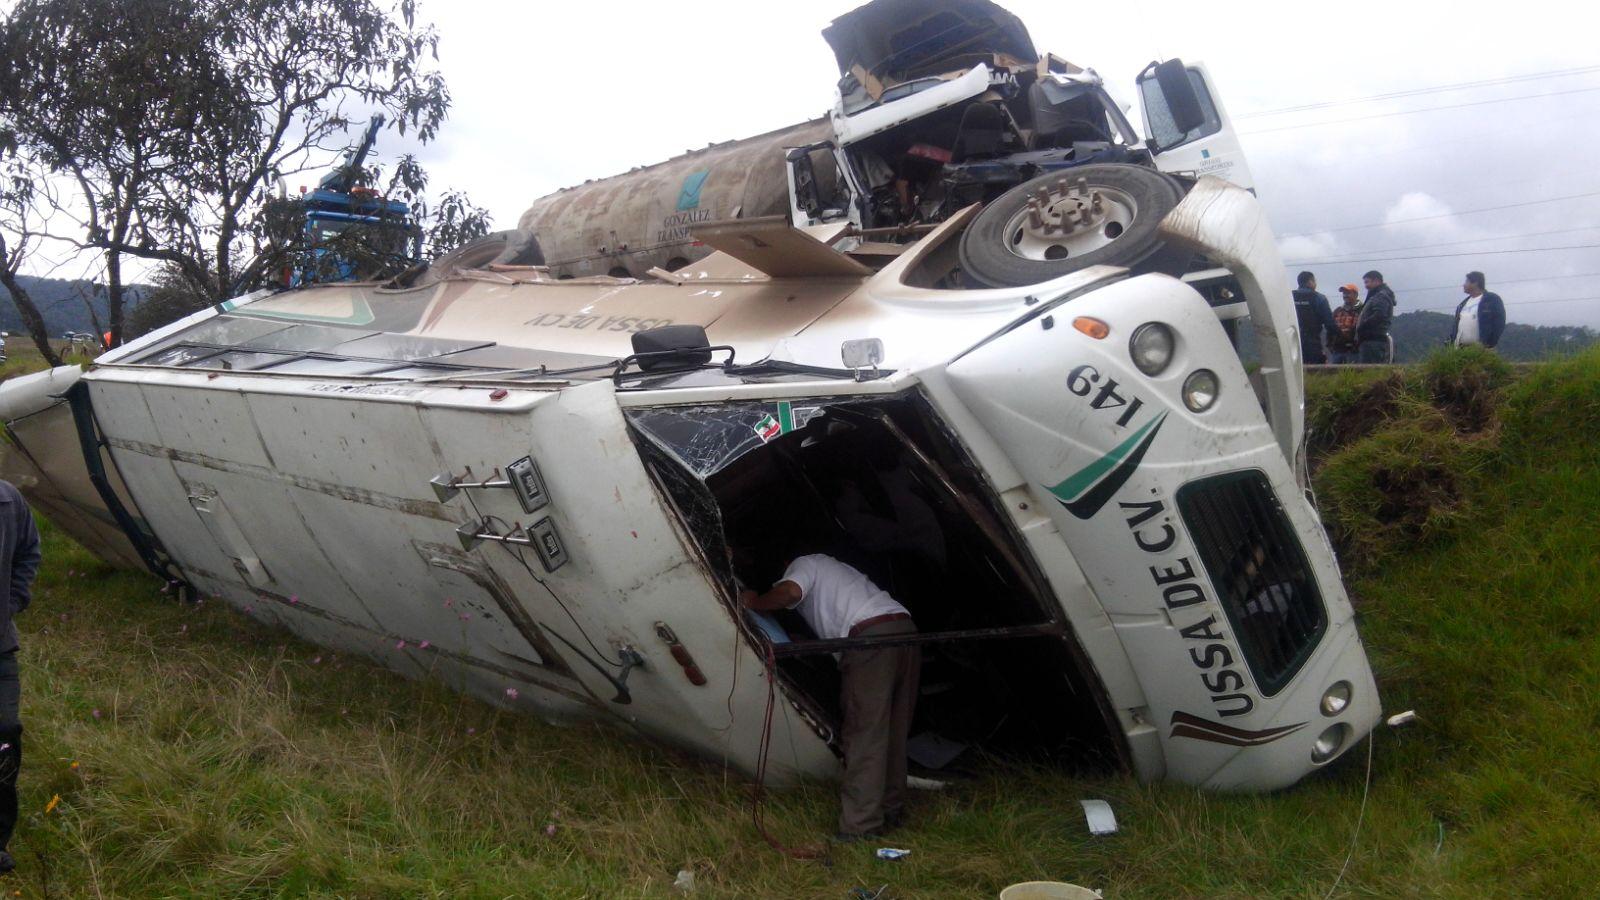 Carambola de autos en Ahuazotepec deja ocho lesionados